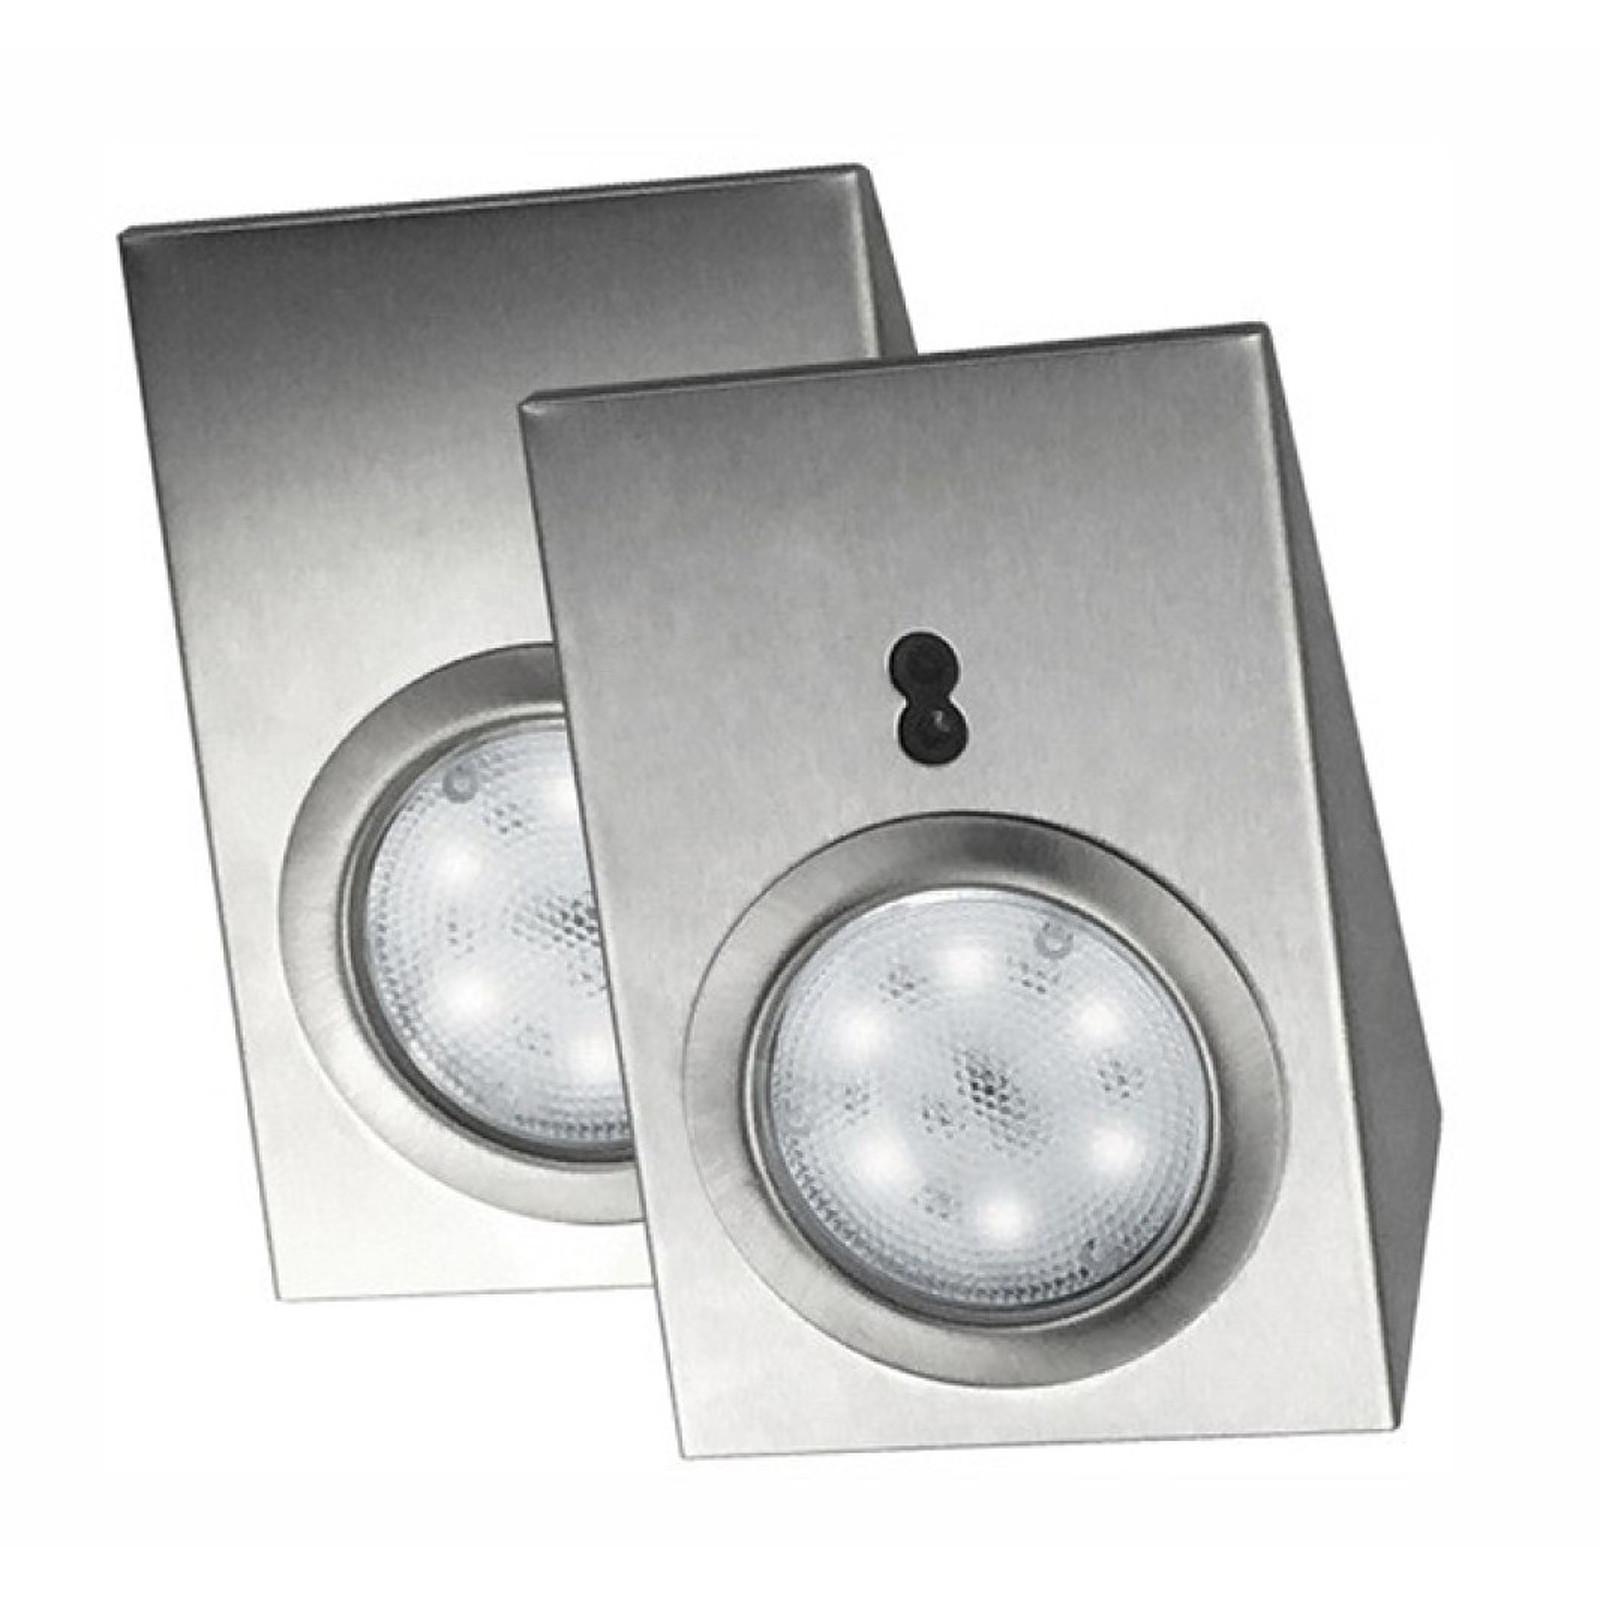 Orno Système D'éclairage Avec Interrupteur Sans Contact ORN_AE13118